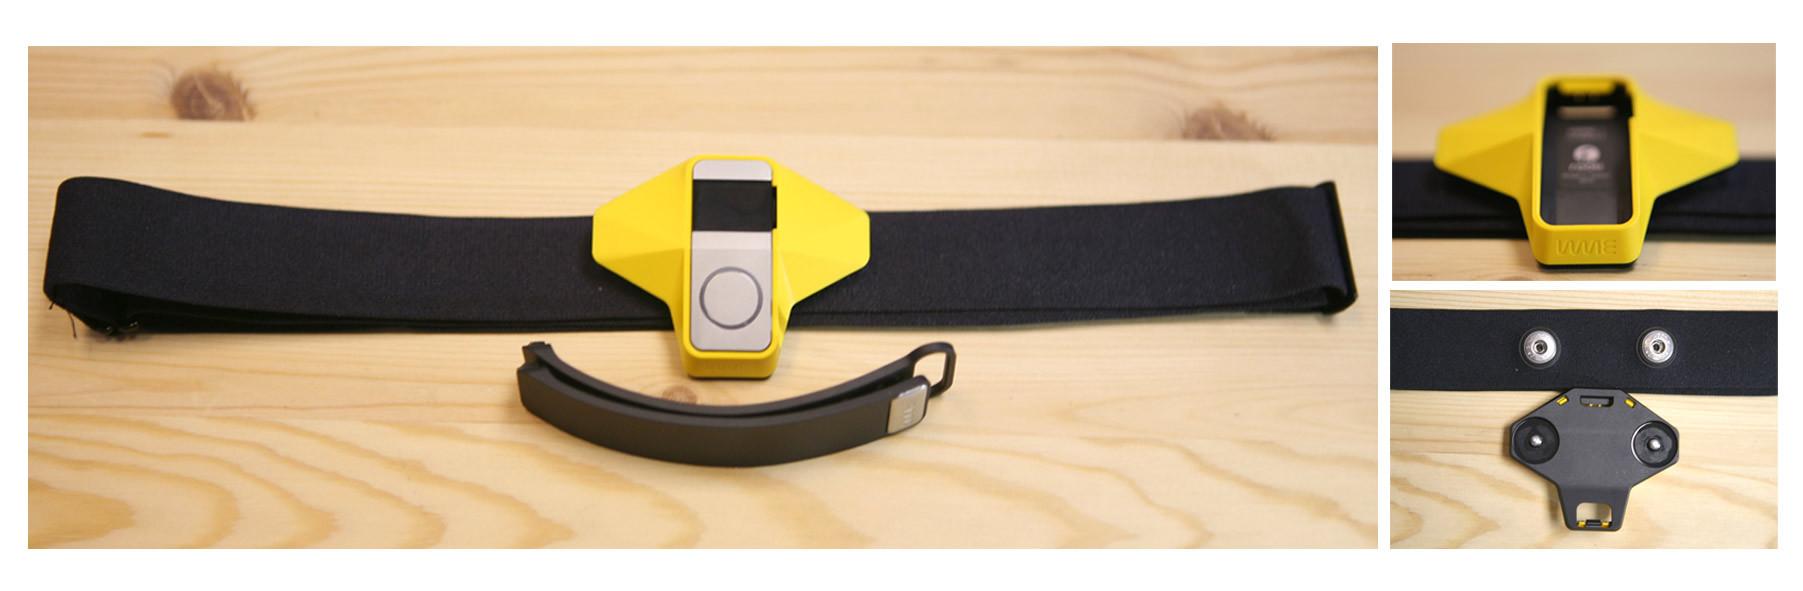 Wme2 — на что способен браслет от авторов первого iPhone: ЭКГ, давление и пульс из двух пальцев - 15